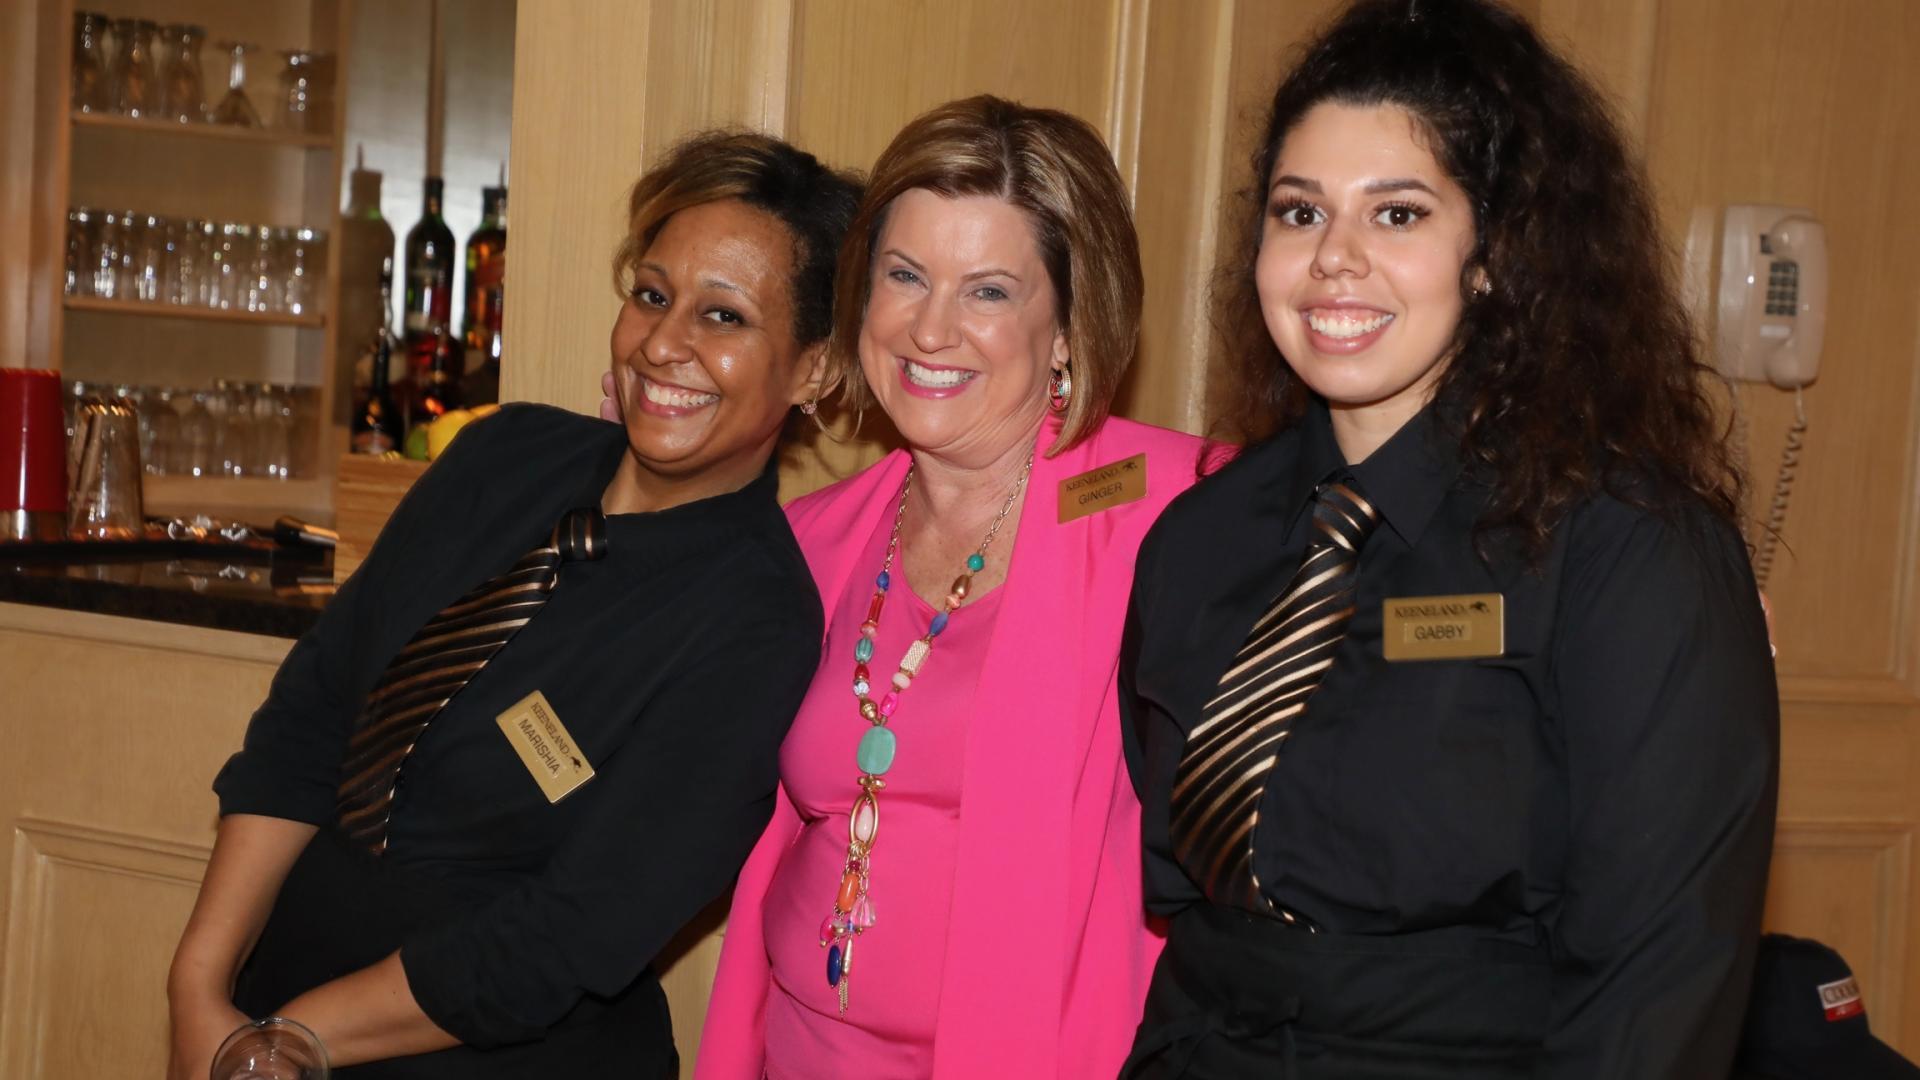 Keeneland Hospitality Employees